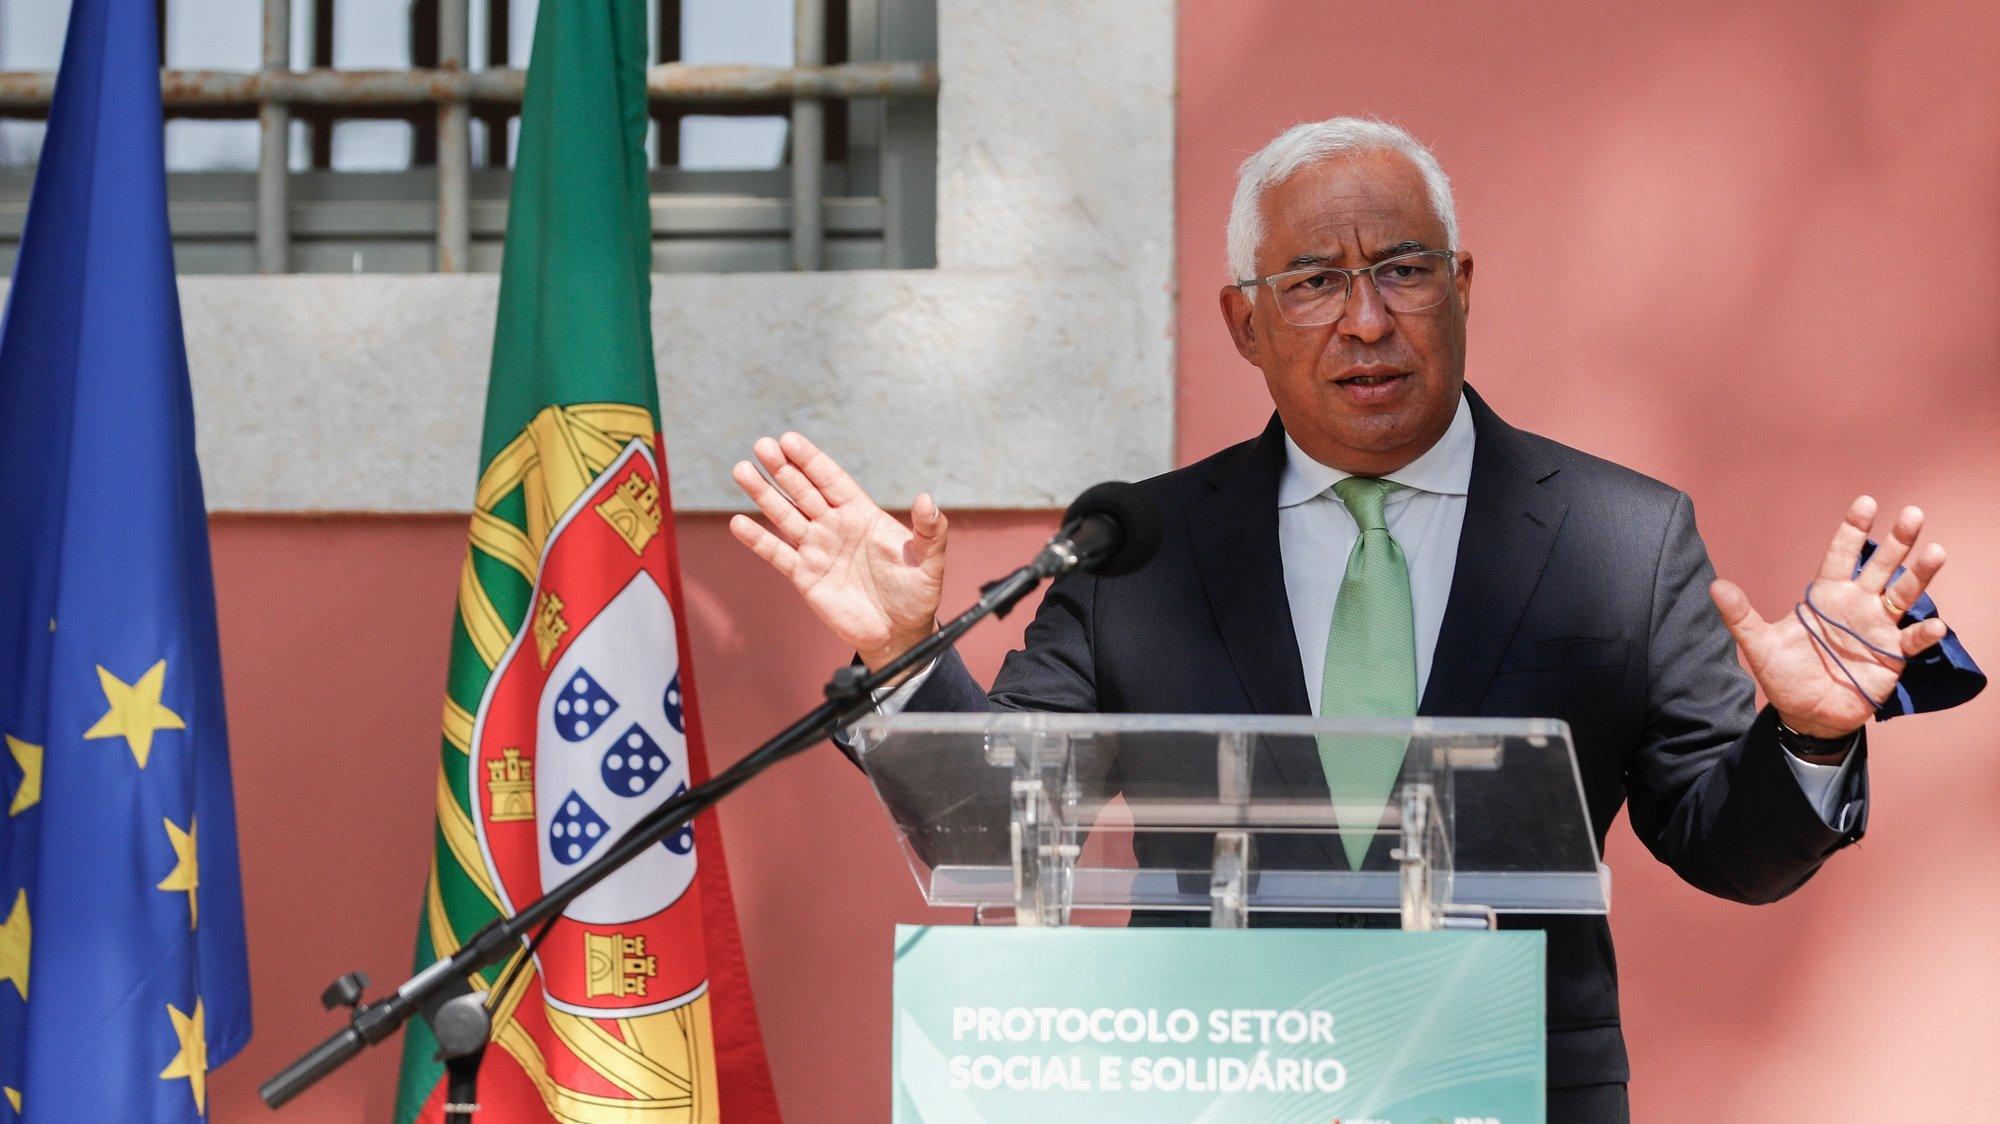 O primeiro-ministro, António Costa, discursa durante a cerimónia de assinatura do Protocolo do Setor Social e Solidário no âmbito da implementação do Plano de Recuperação e Resiliência (PRR), Lisboa, 21 de julho de 2021. ANTÓNIO COTRIM/LUSA